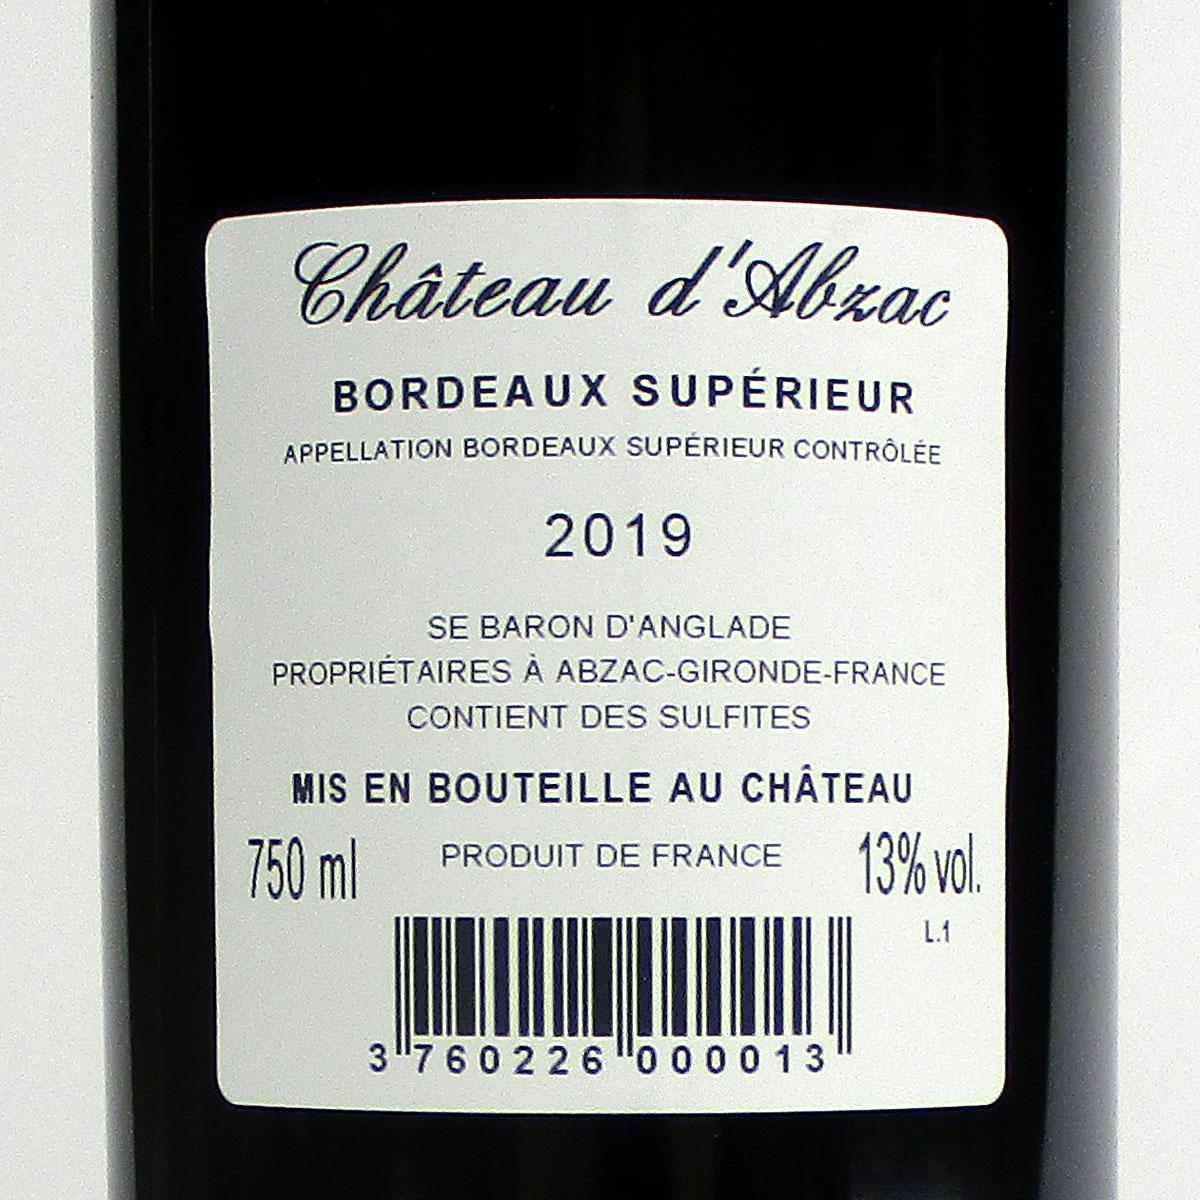 Bordeaux Supérieur: Château d'Abzac 2019 - Bottle Rear Label